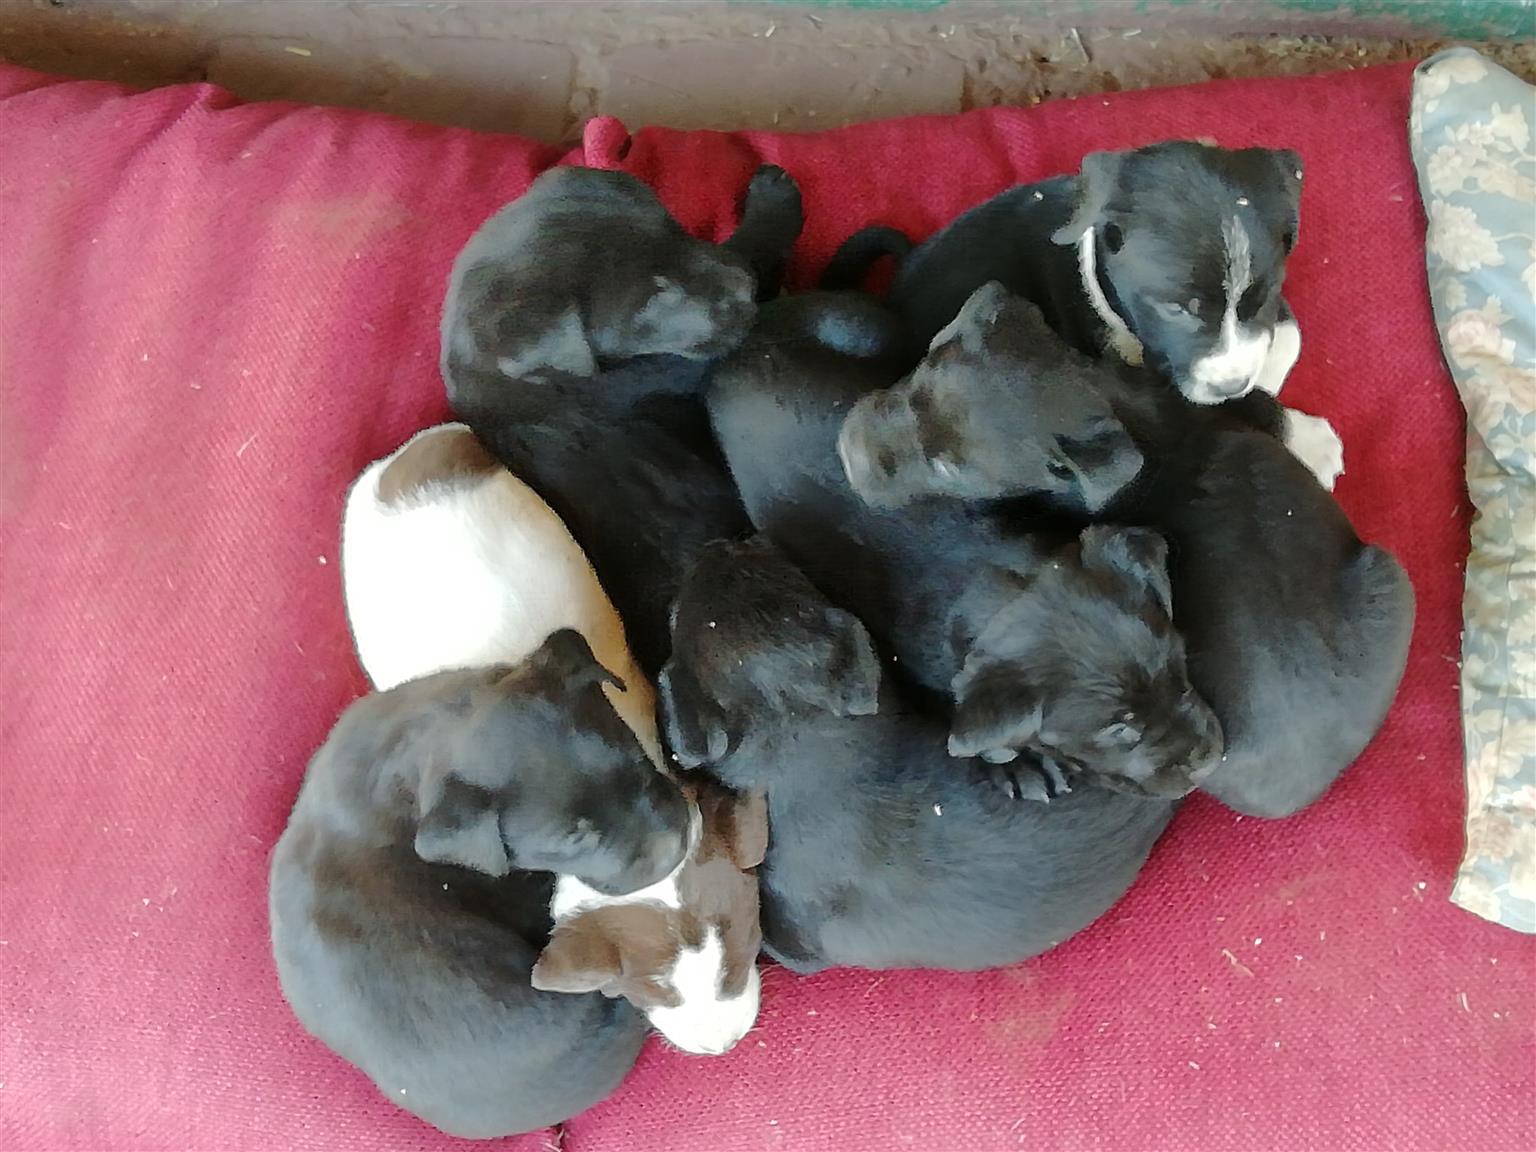 Labrador puppies 7